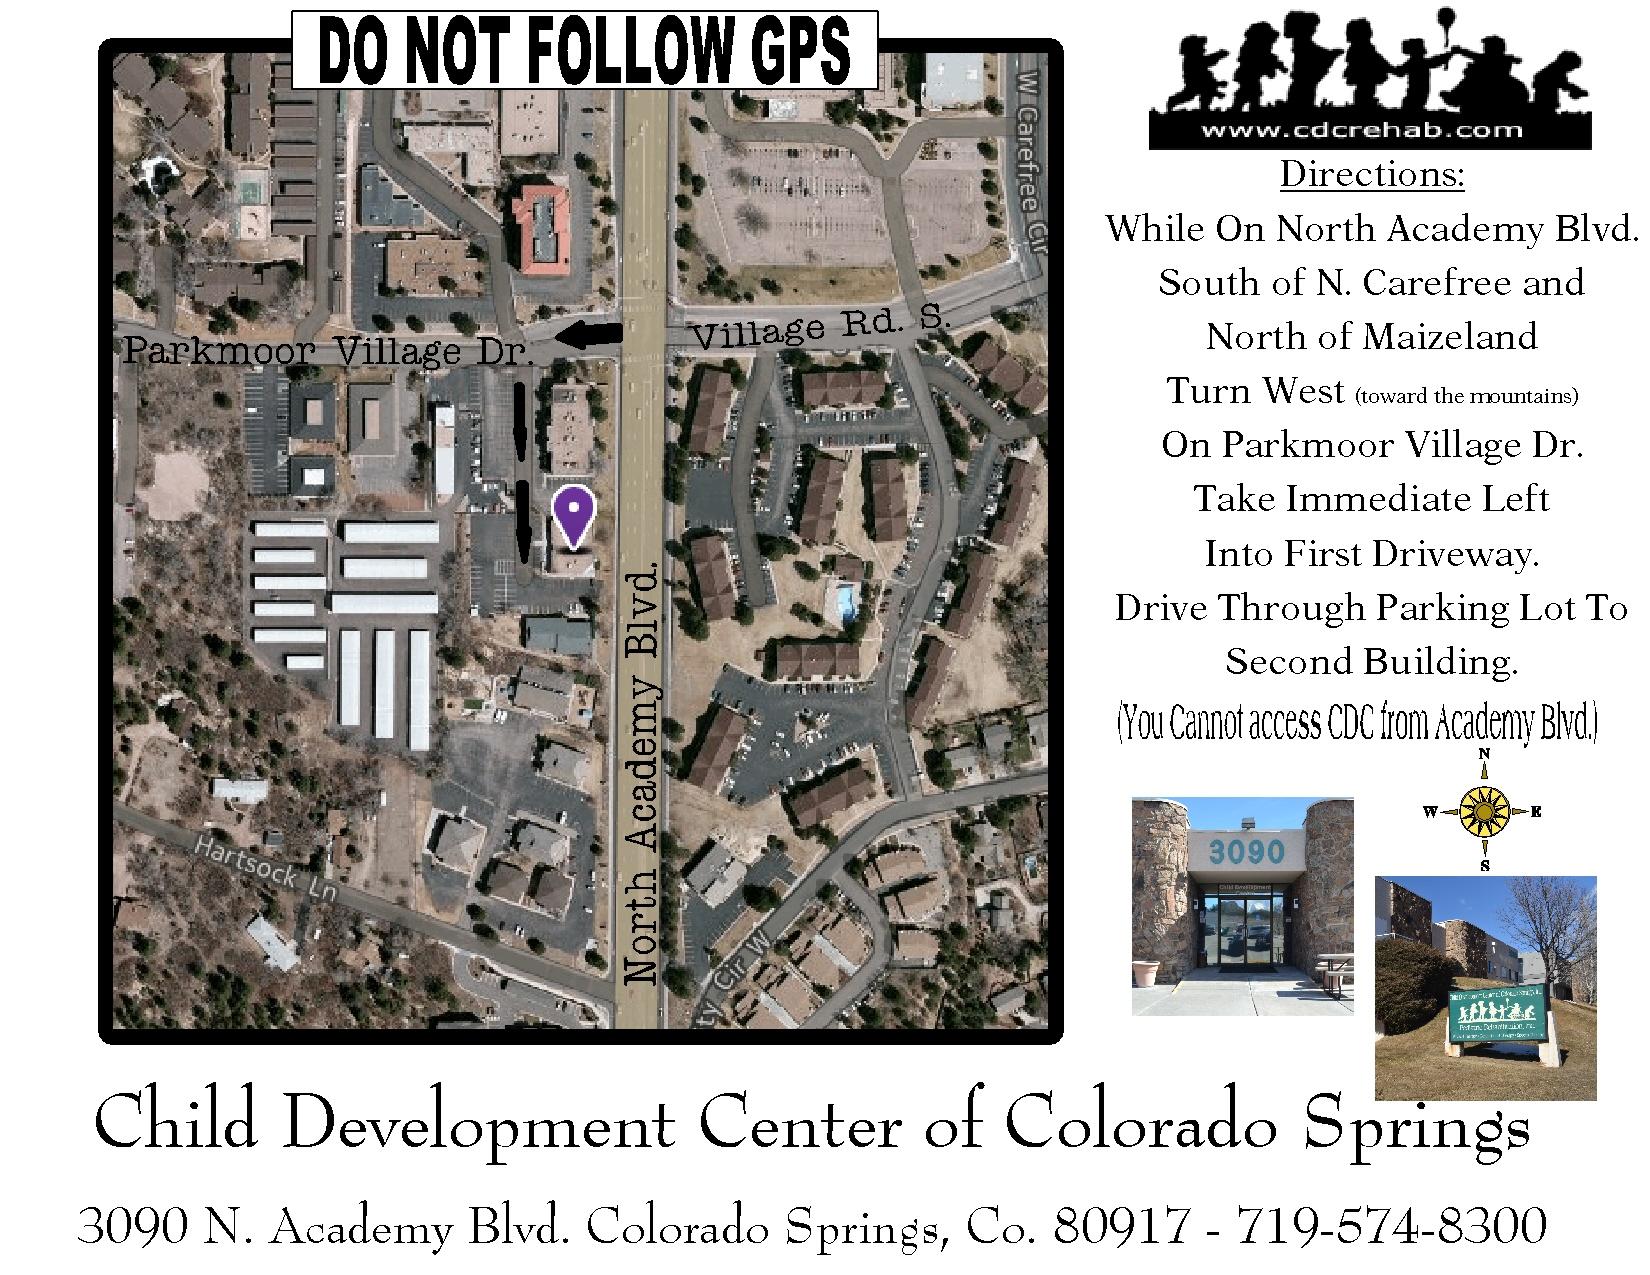 Child Development Center, Colorado Springs, Contact Us